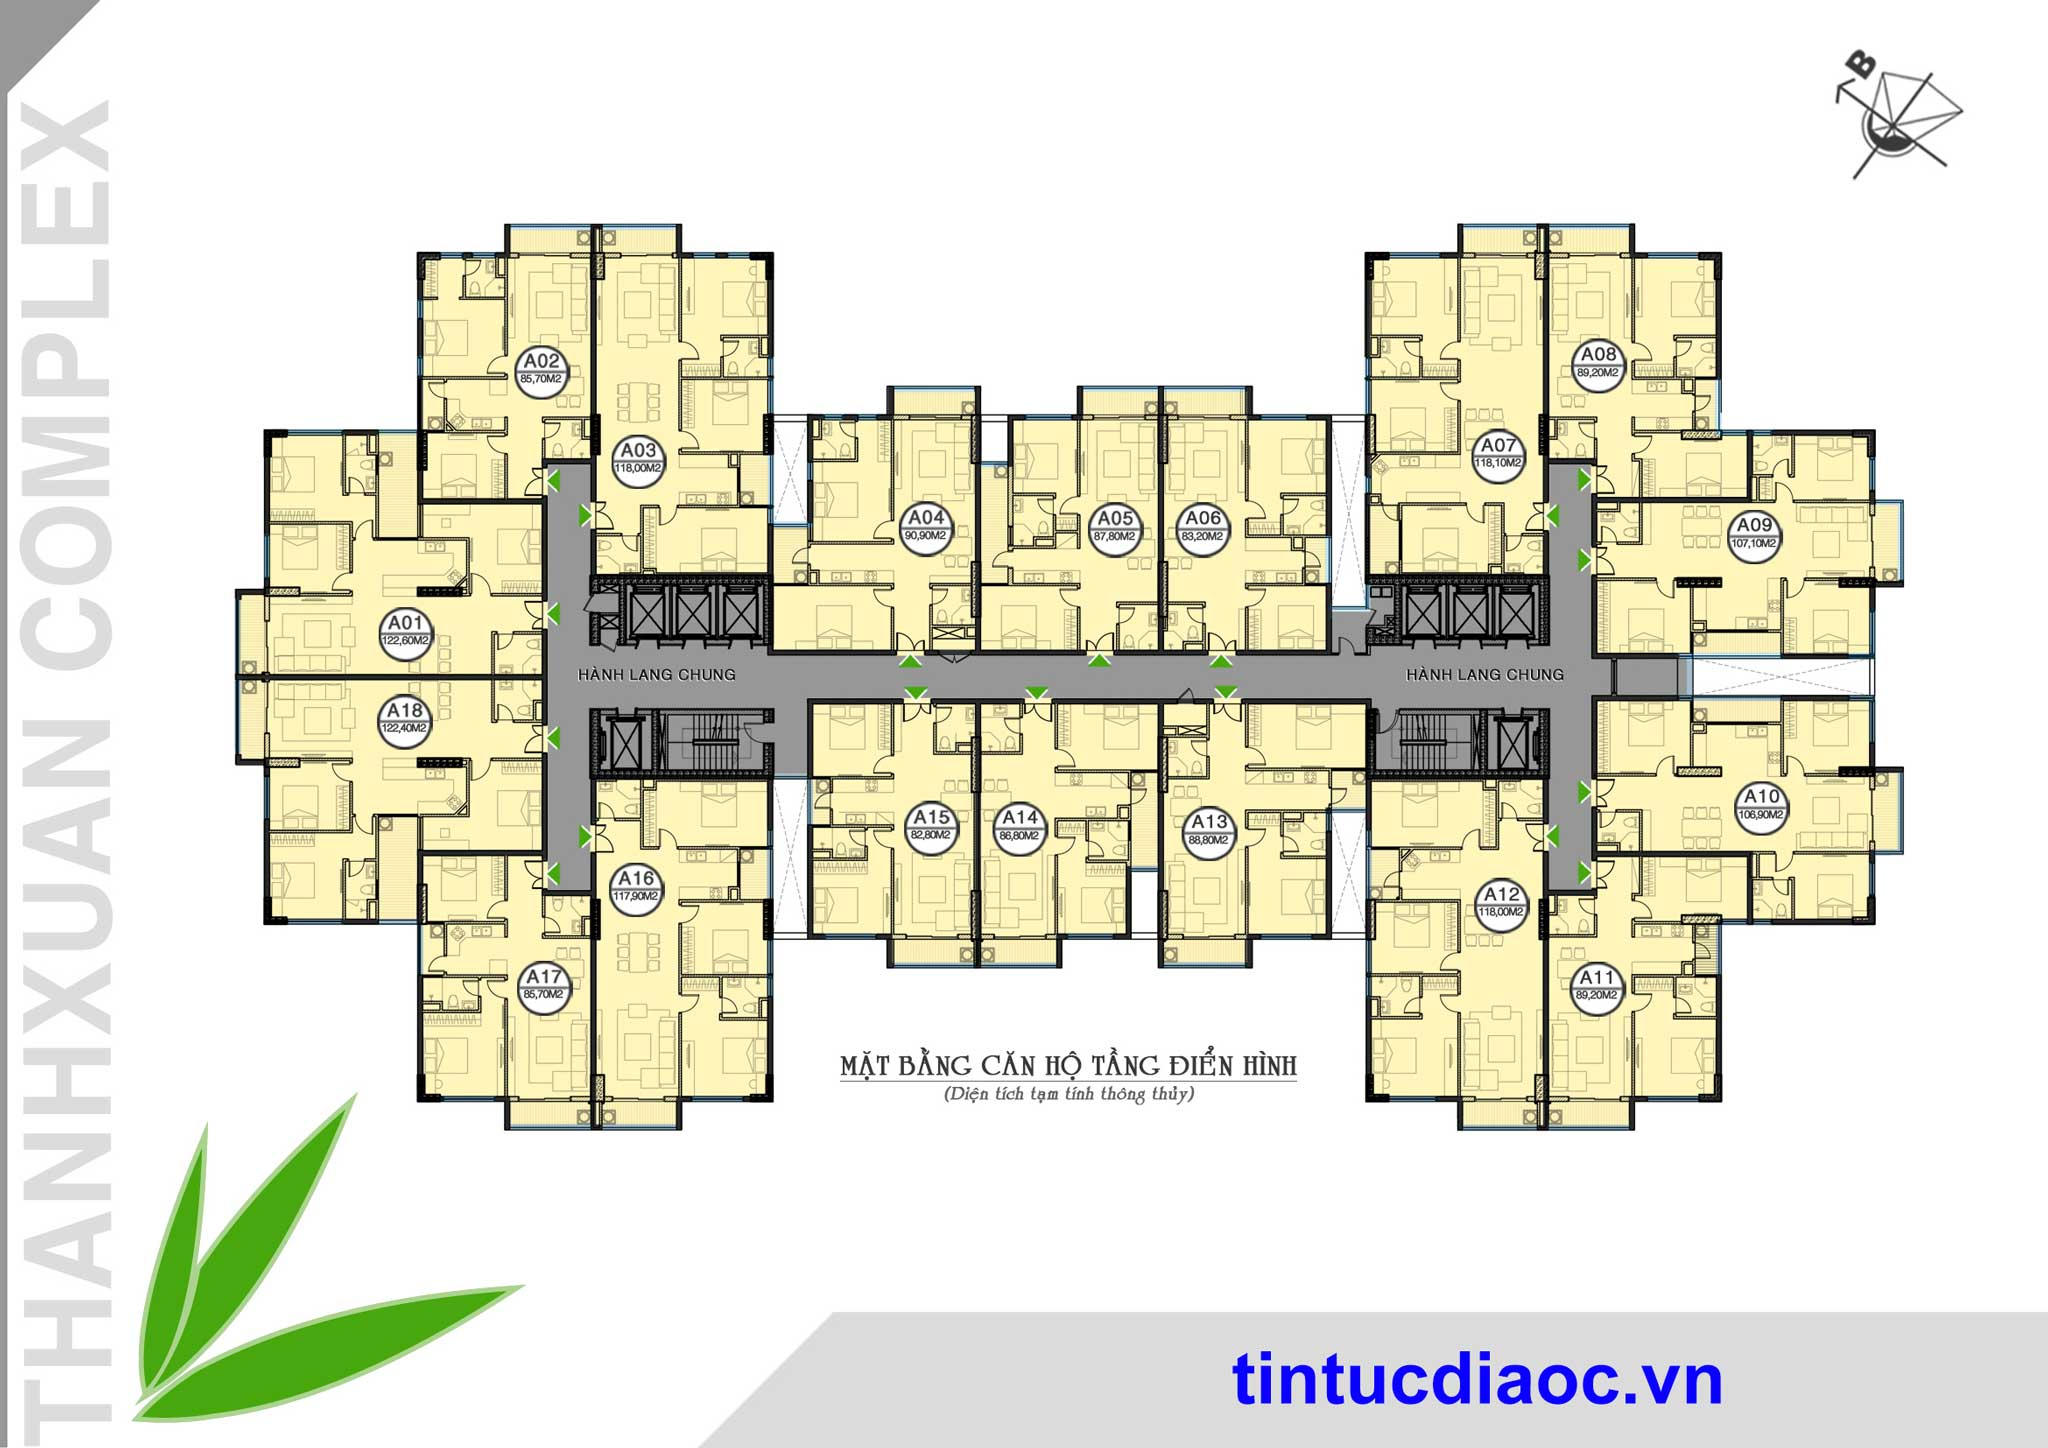 Mặt bằng căn hộ Chung cư Thanh Xuân Complex - Hapulico 24T3